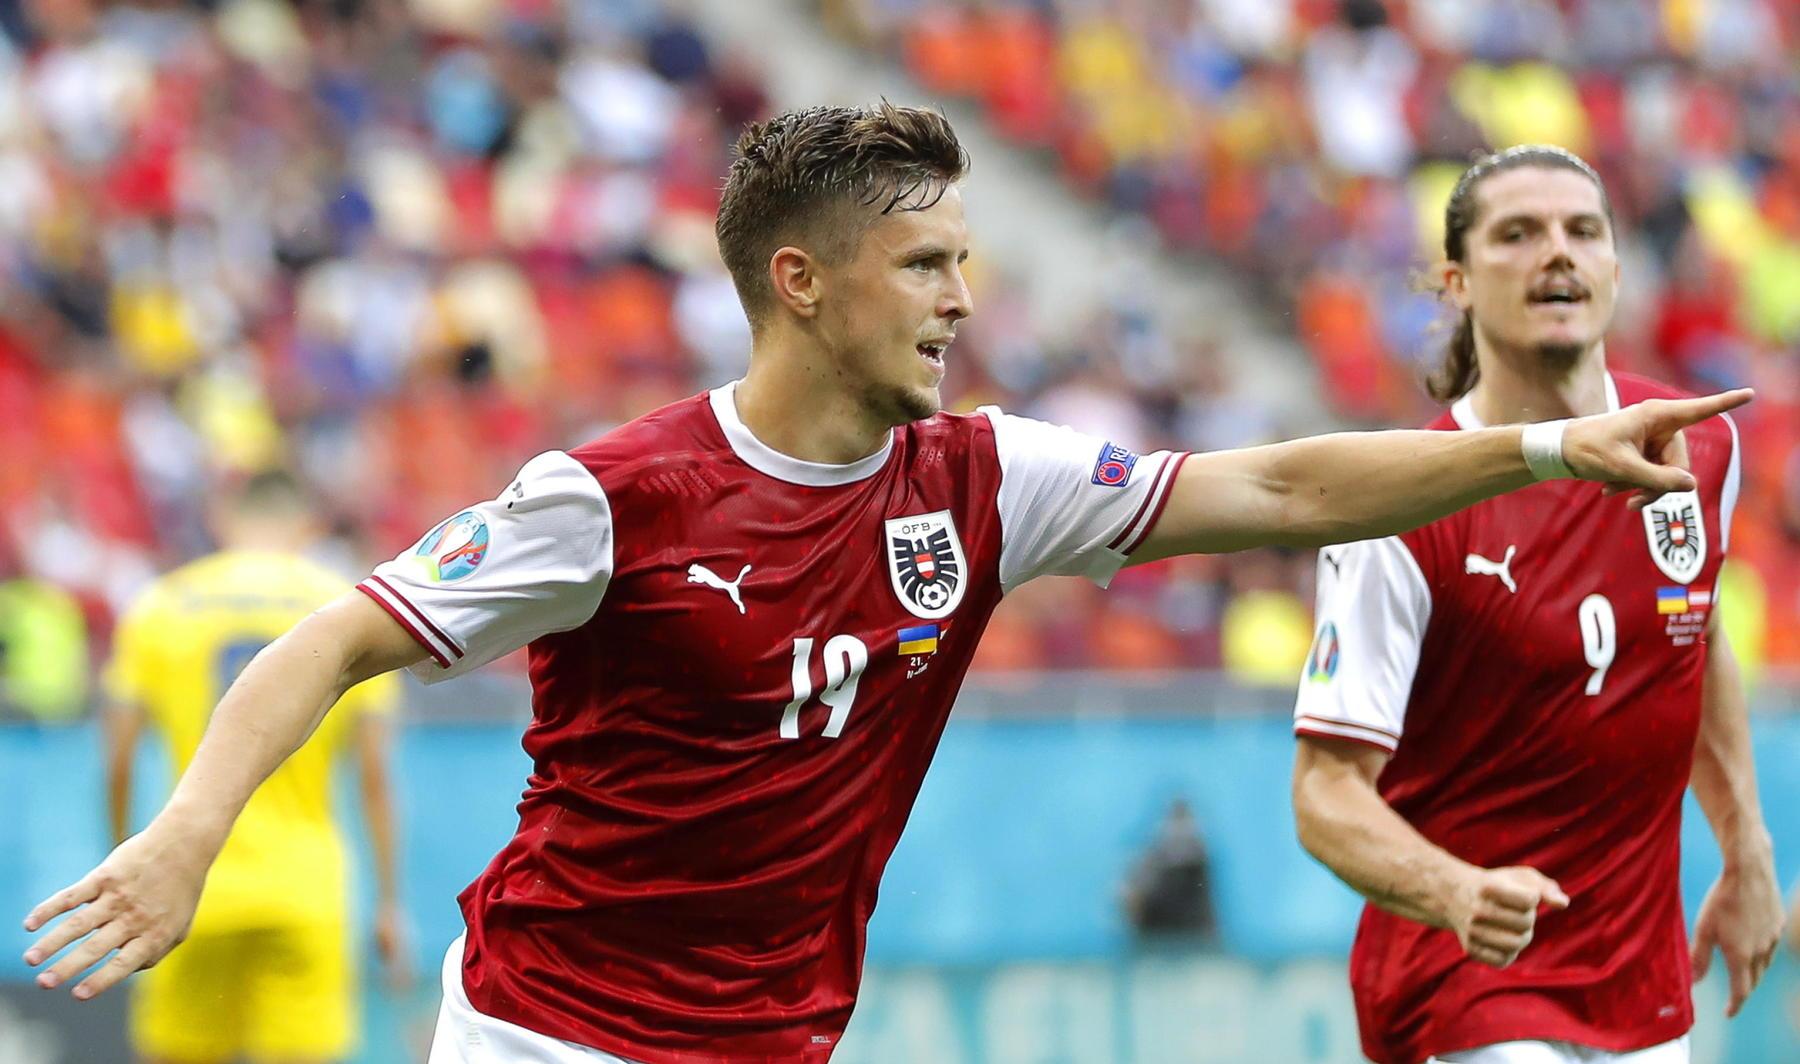 euro-2021,-risultati-e-classifica-del-girone-c:-olanda-a-punteggio-pieno,-l'avversaria-dell'italia-sara-l'austria